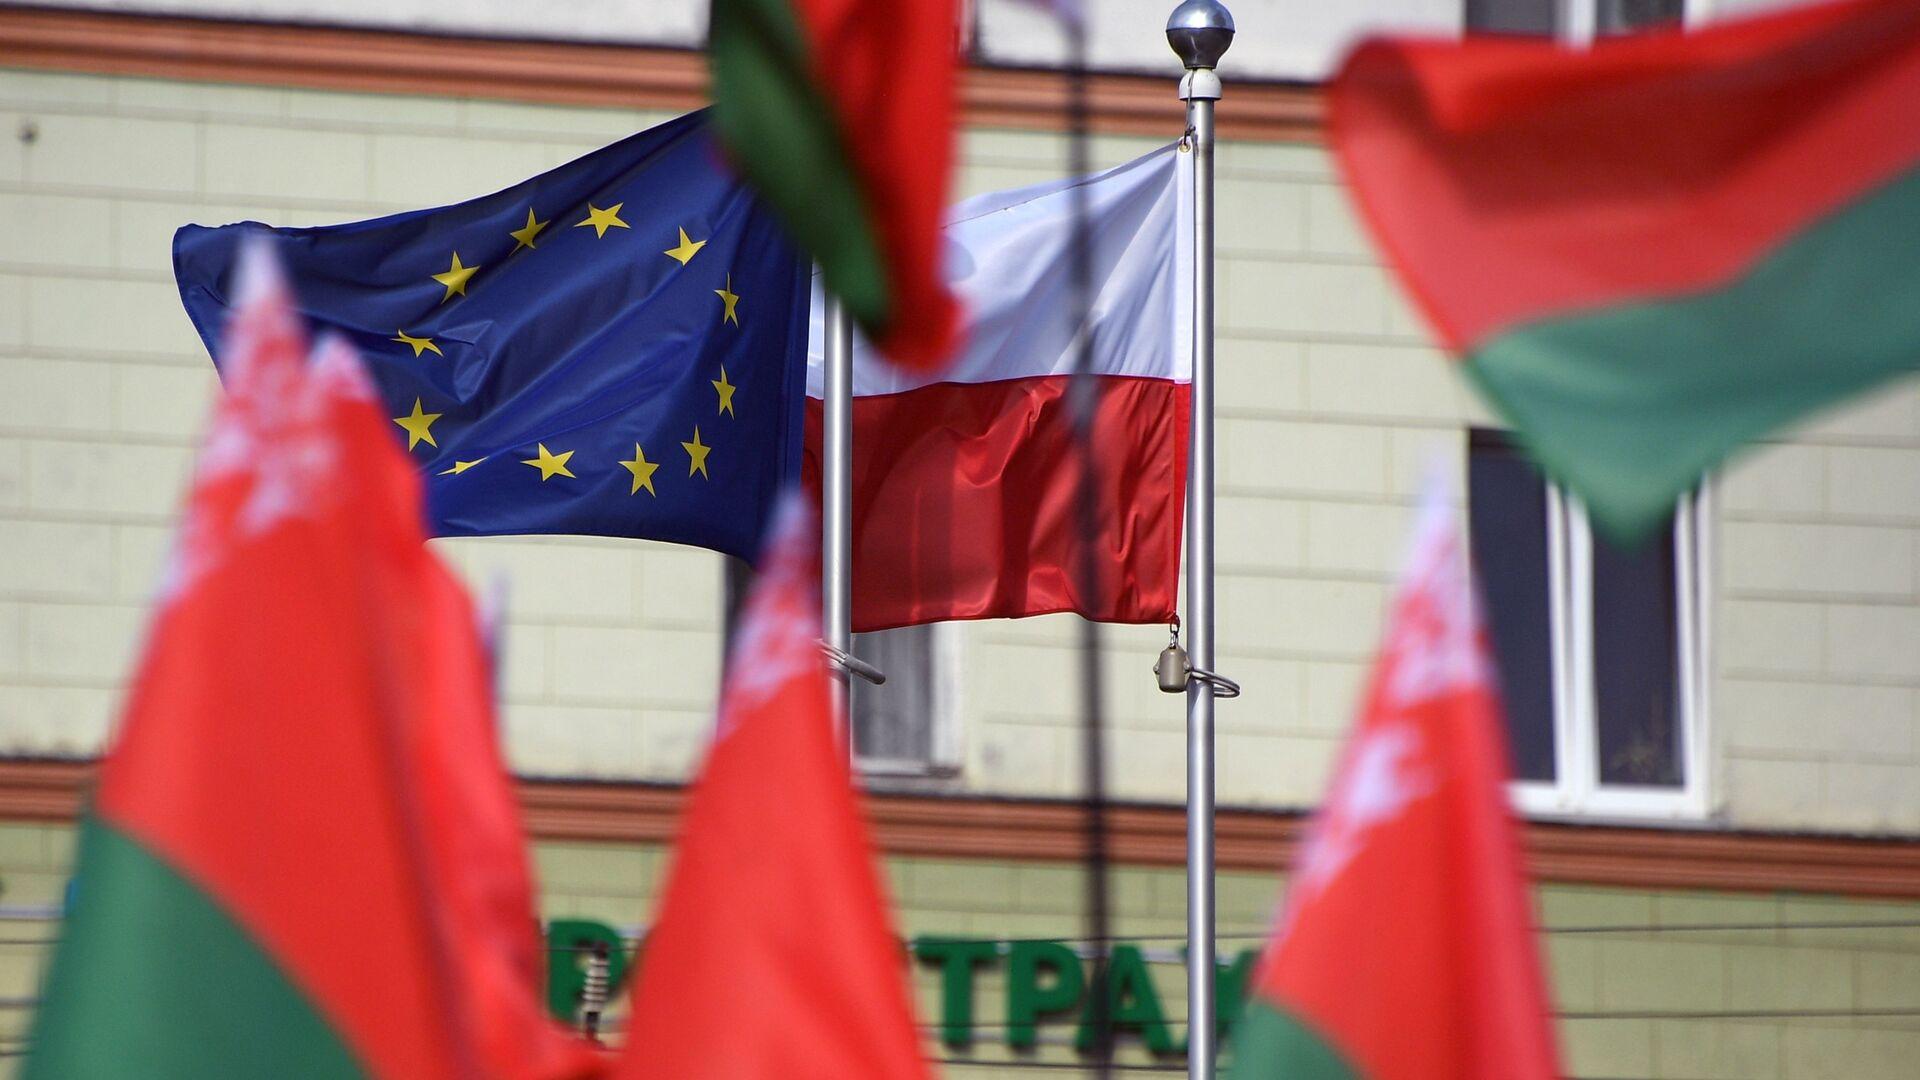 Flagi Białorusi, Polski i UE przed Ambasadą RP w Mińsku. - Sputnik Polska, 1920, 13.09.2021